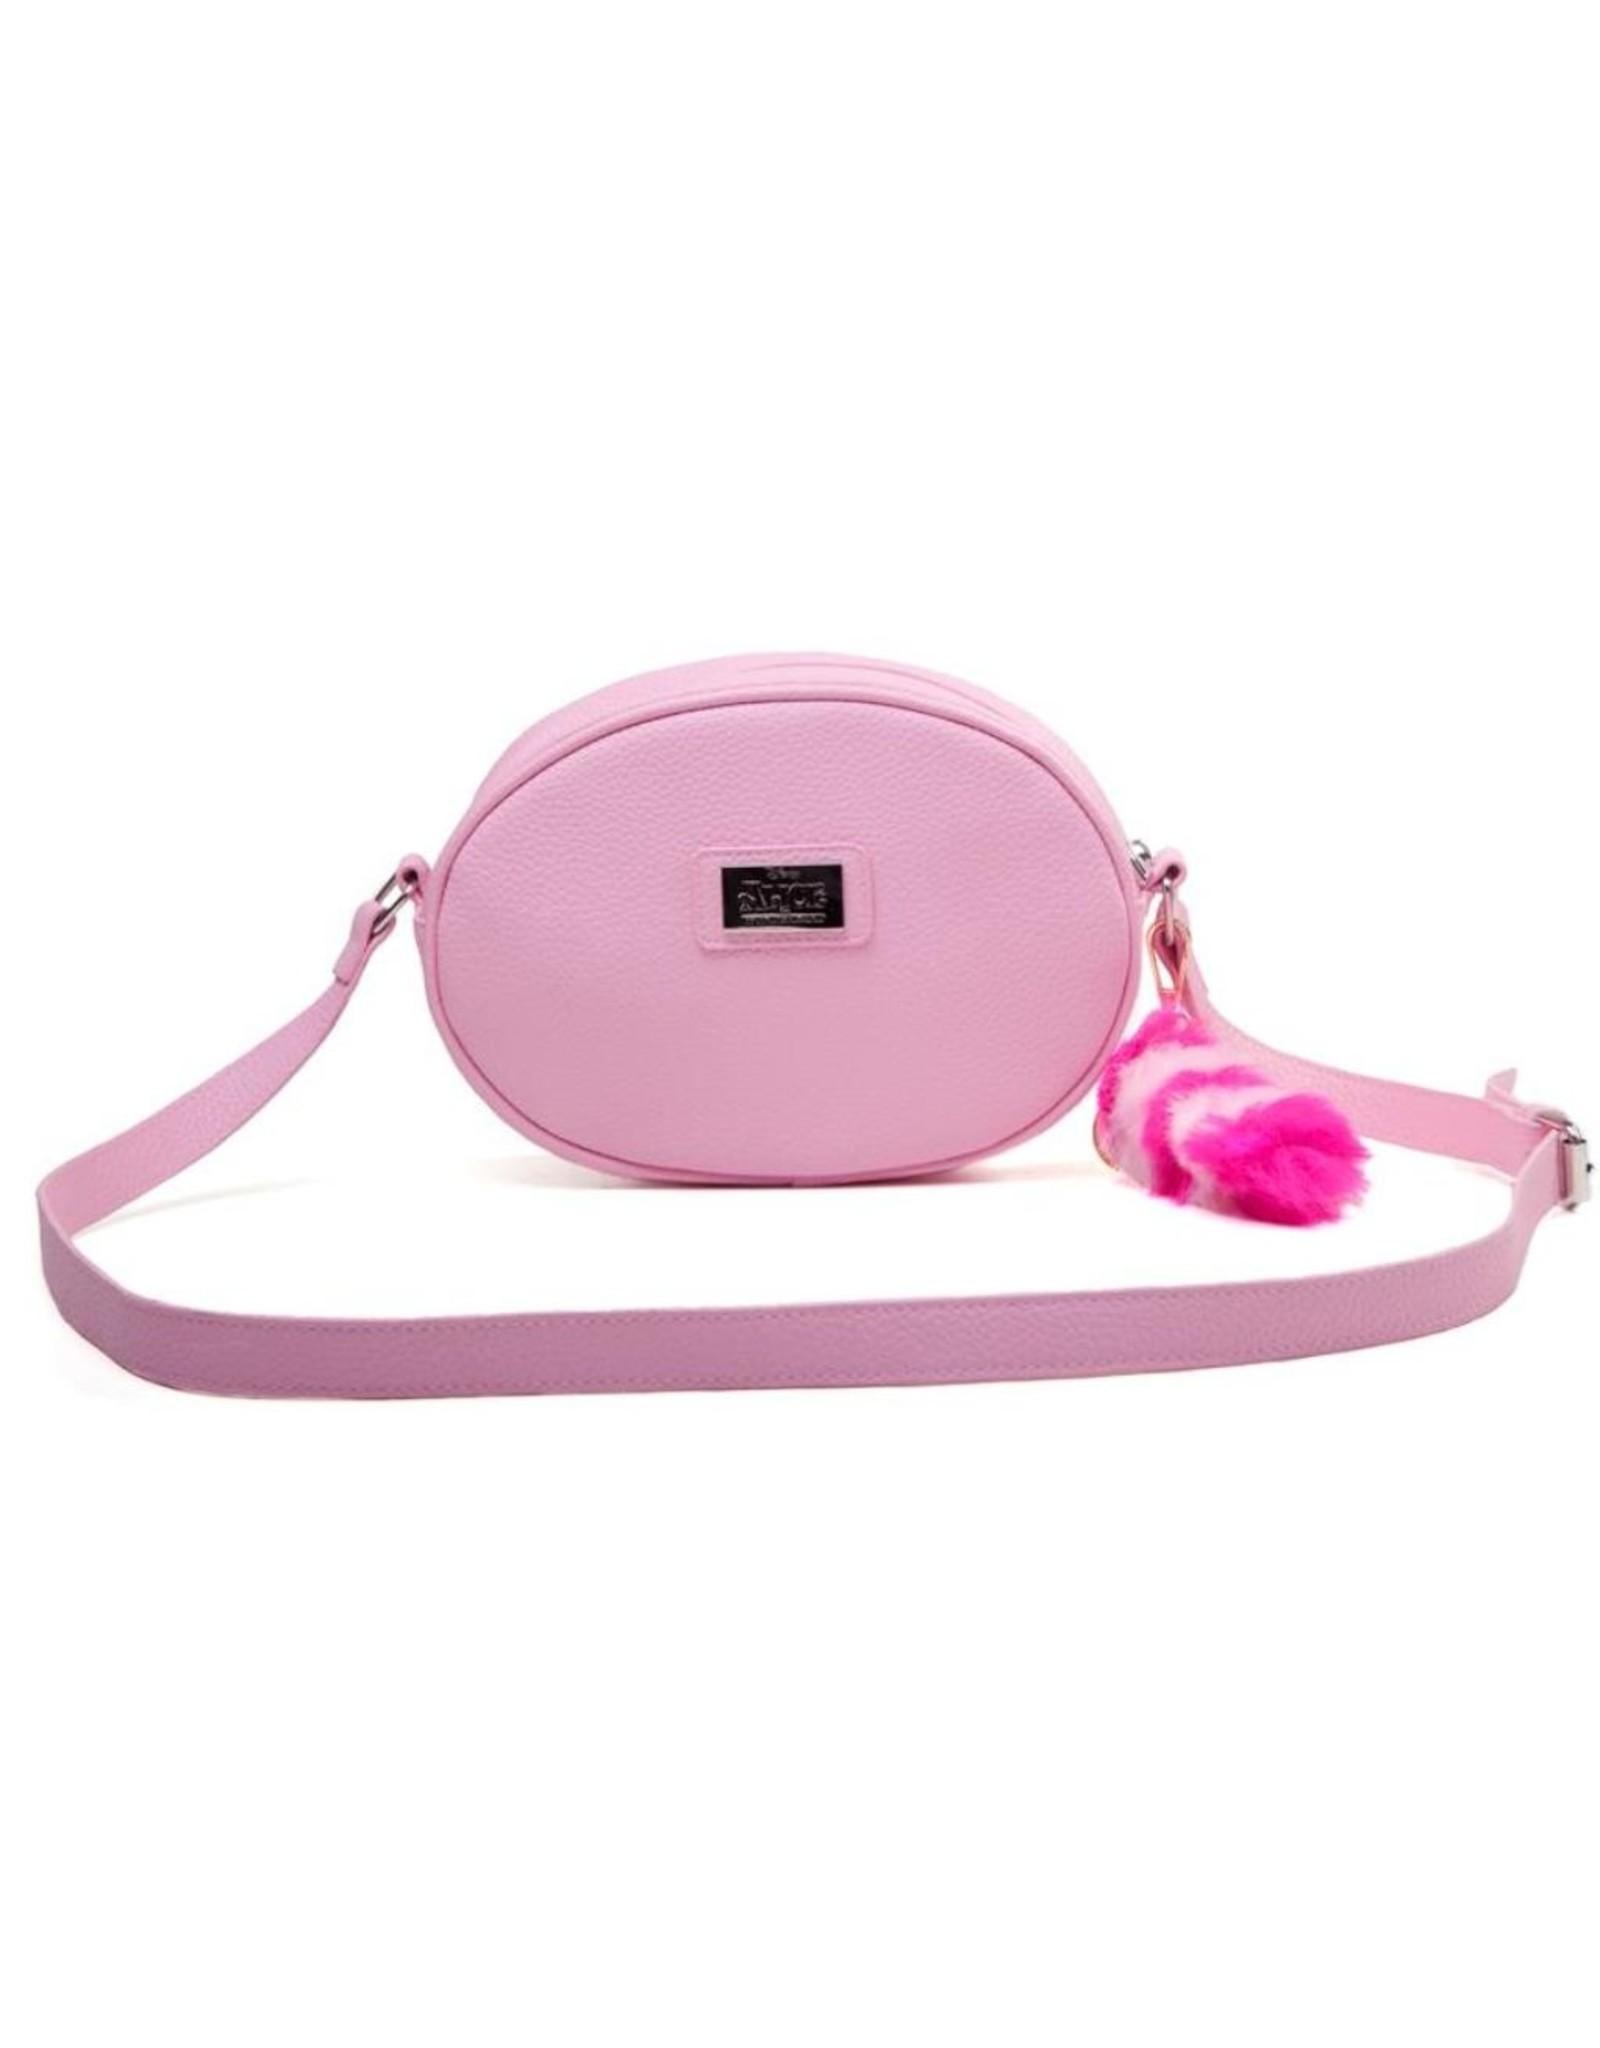 Disney Merchandise bags - Alice in Wonderland Cheshire Cat Disney shoulder bag